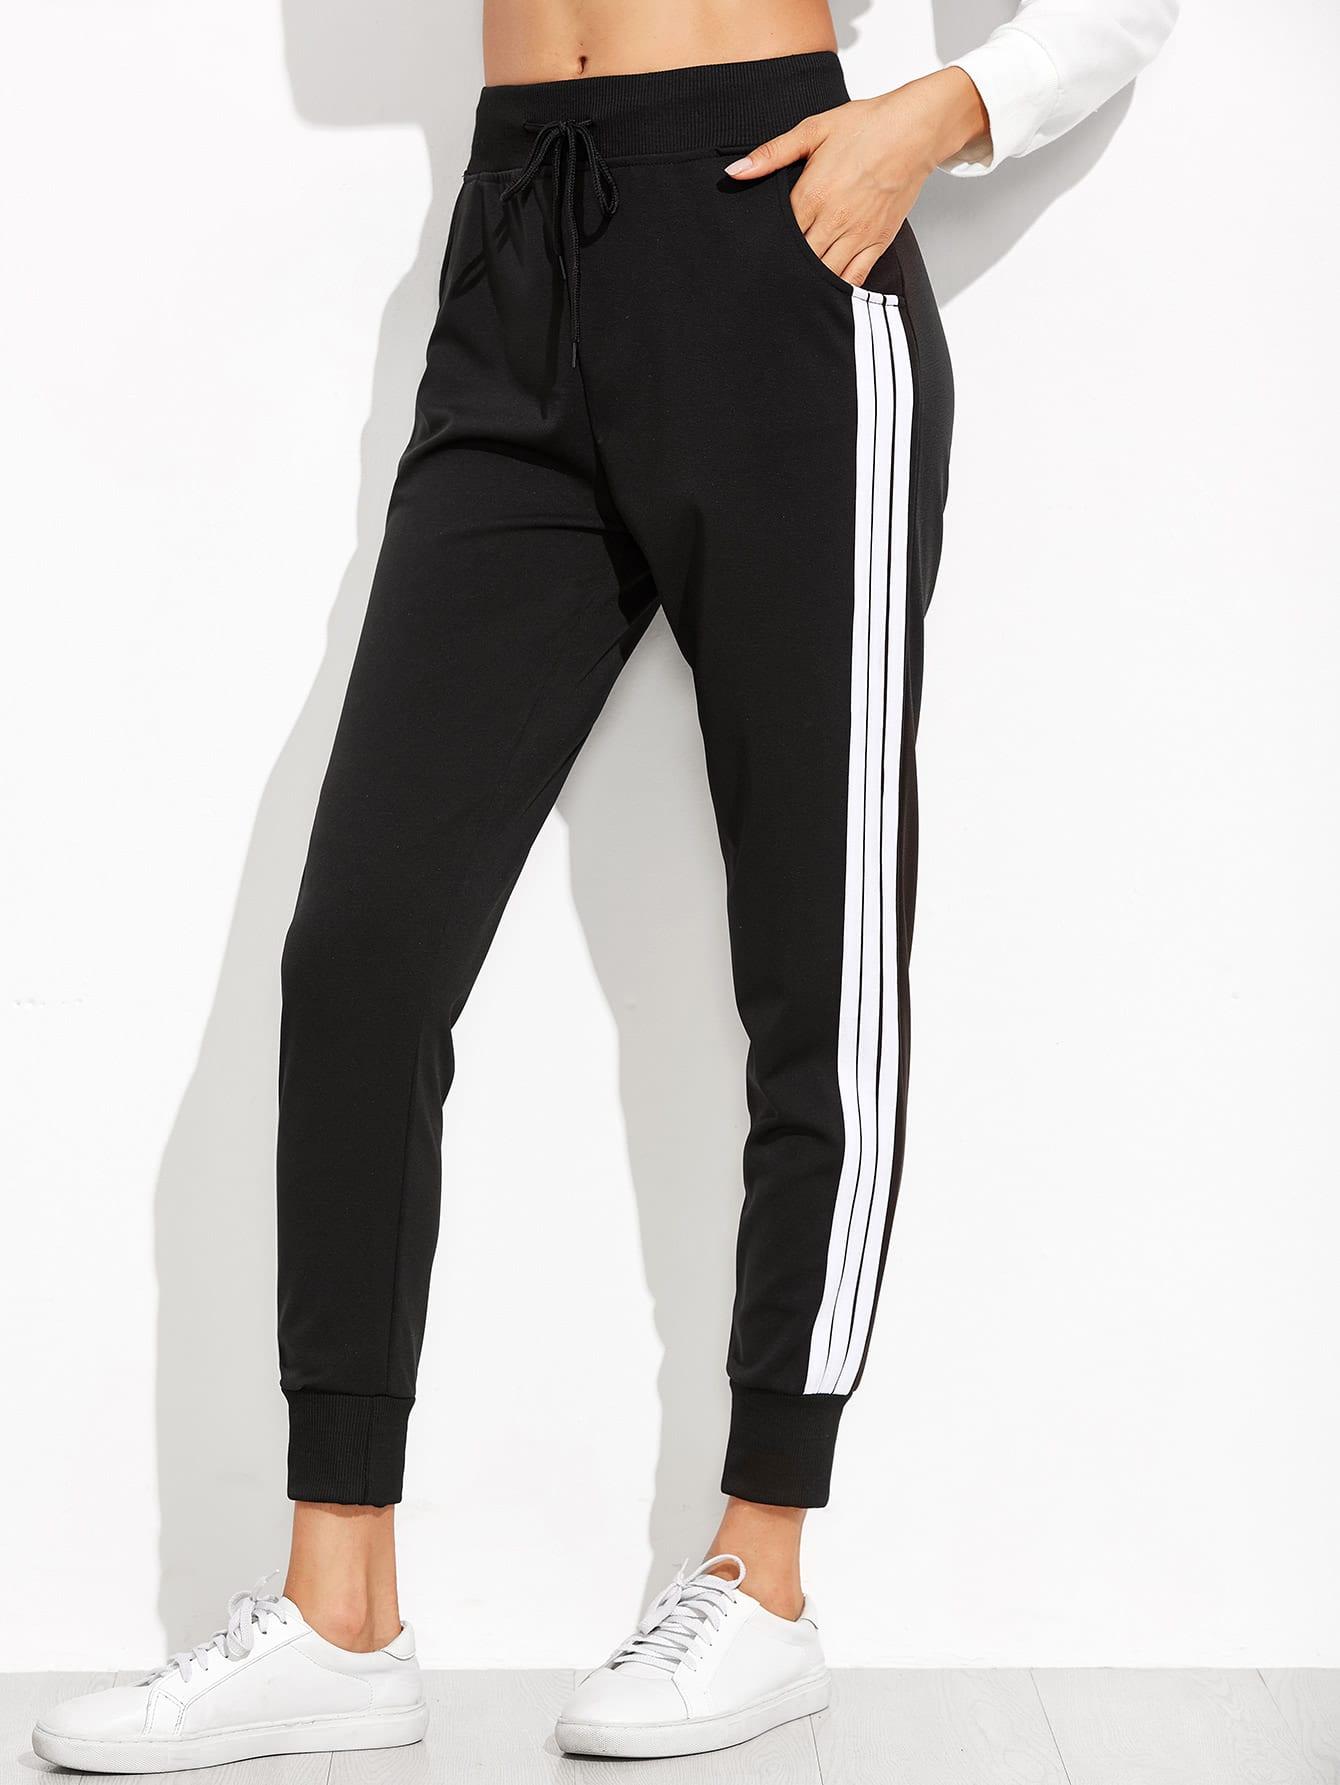 Black Striped Side Sweat Pants pants160905121